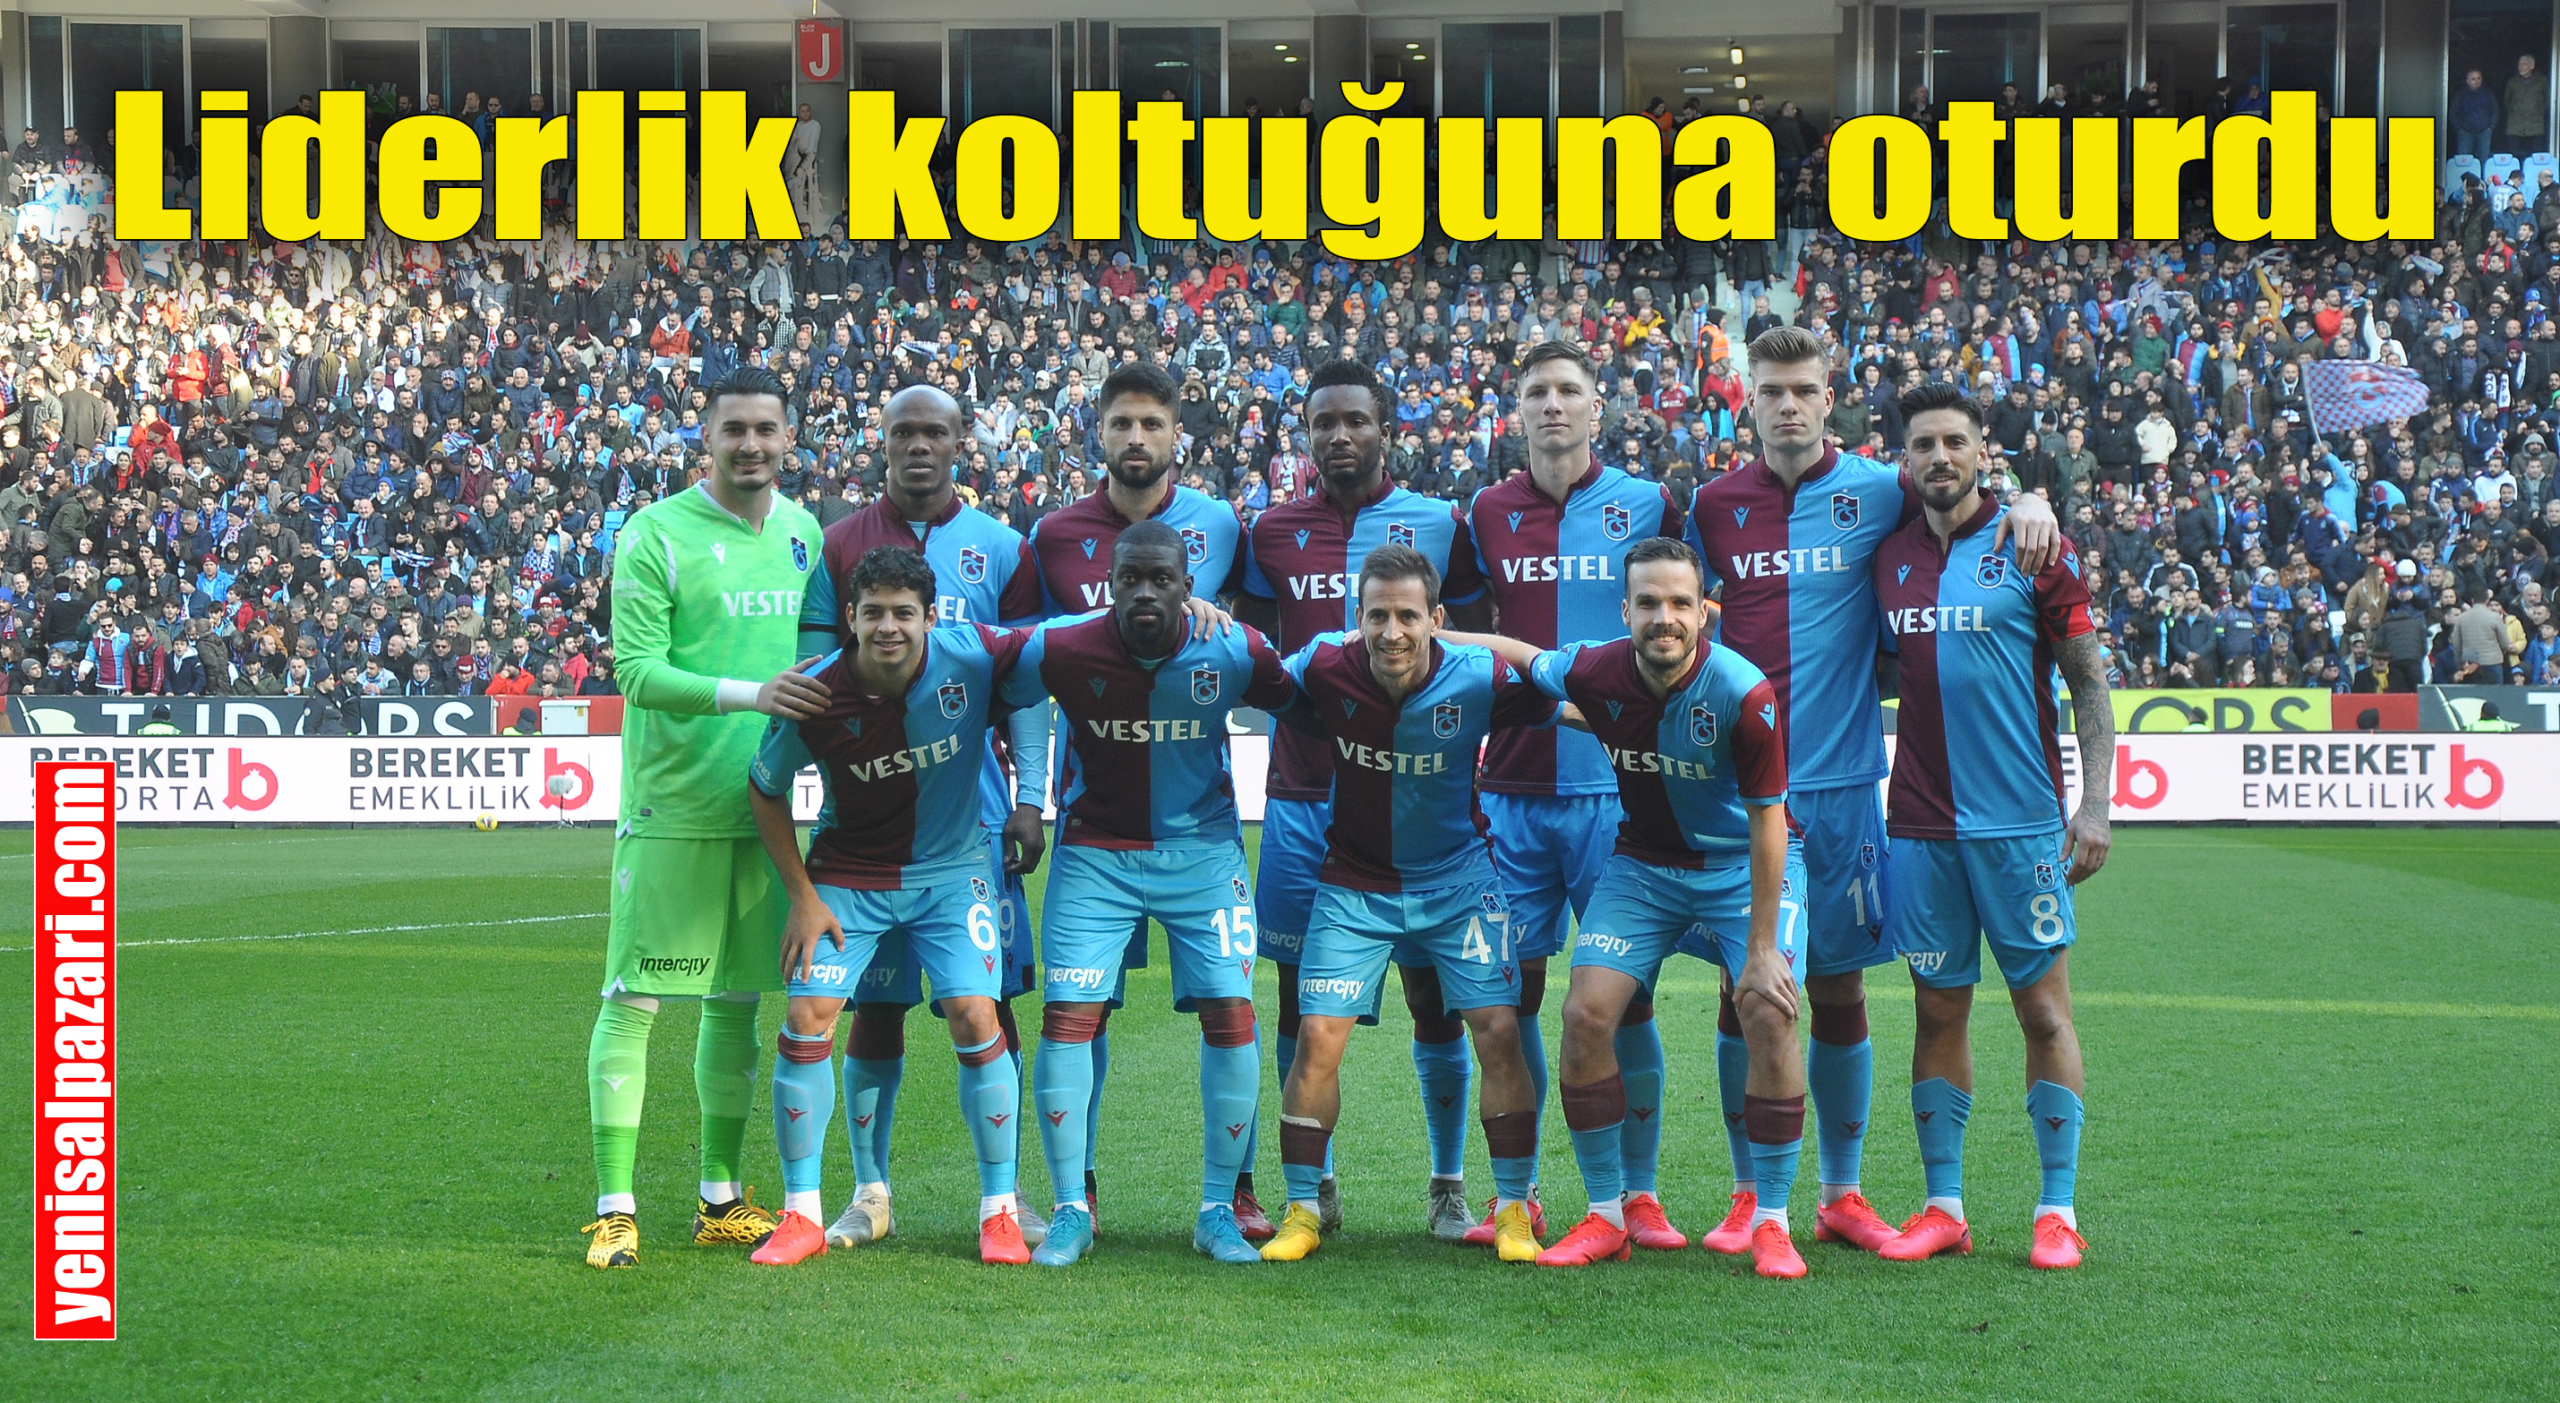 Trabzonspor, DG Sivasspor'u 2-1 yenerek liderliğe yükseldi